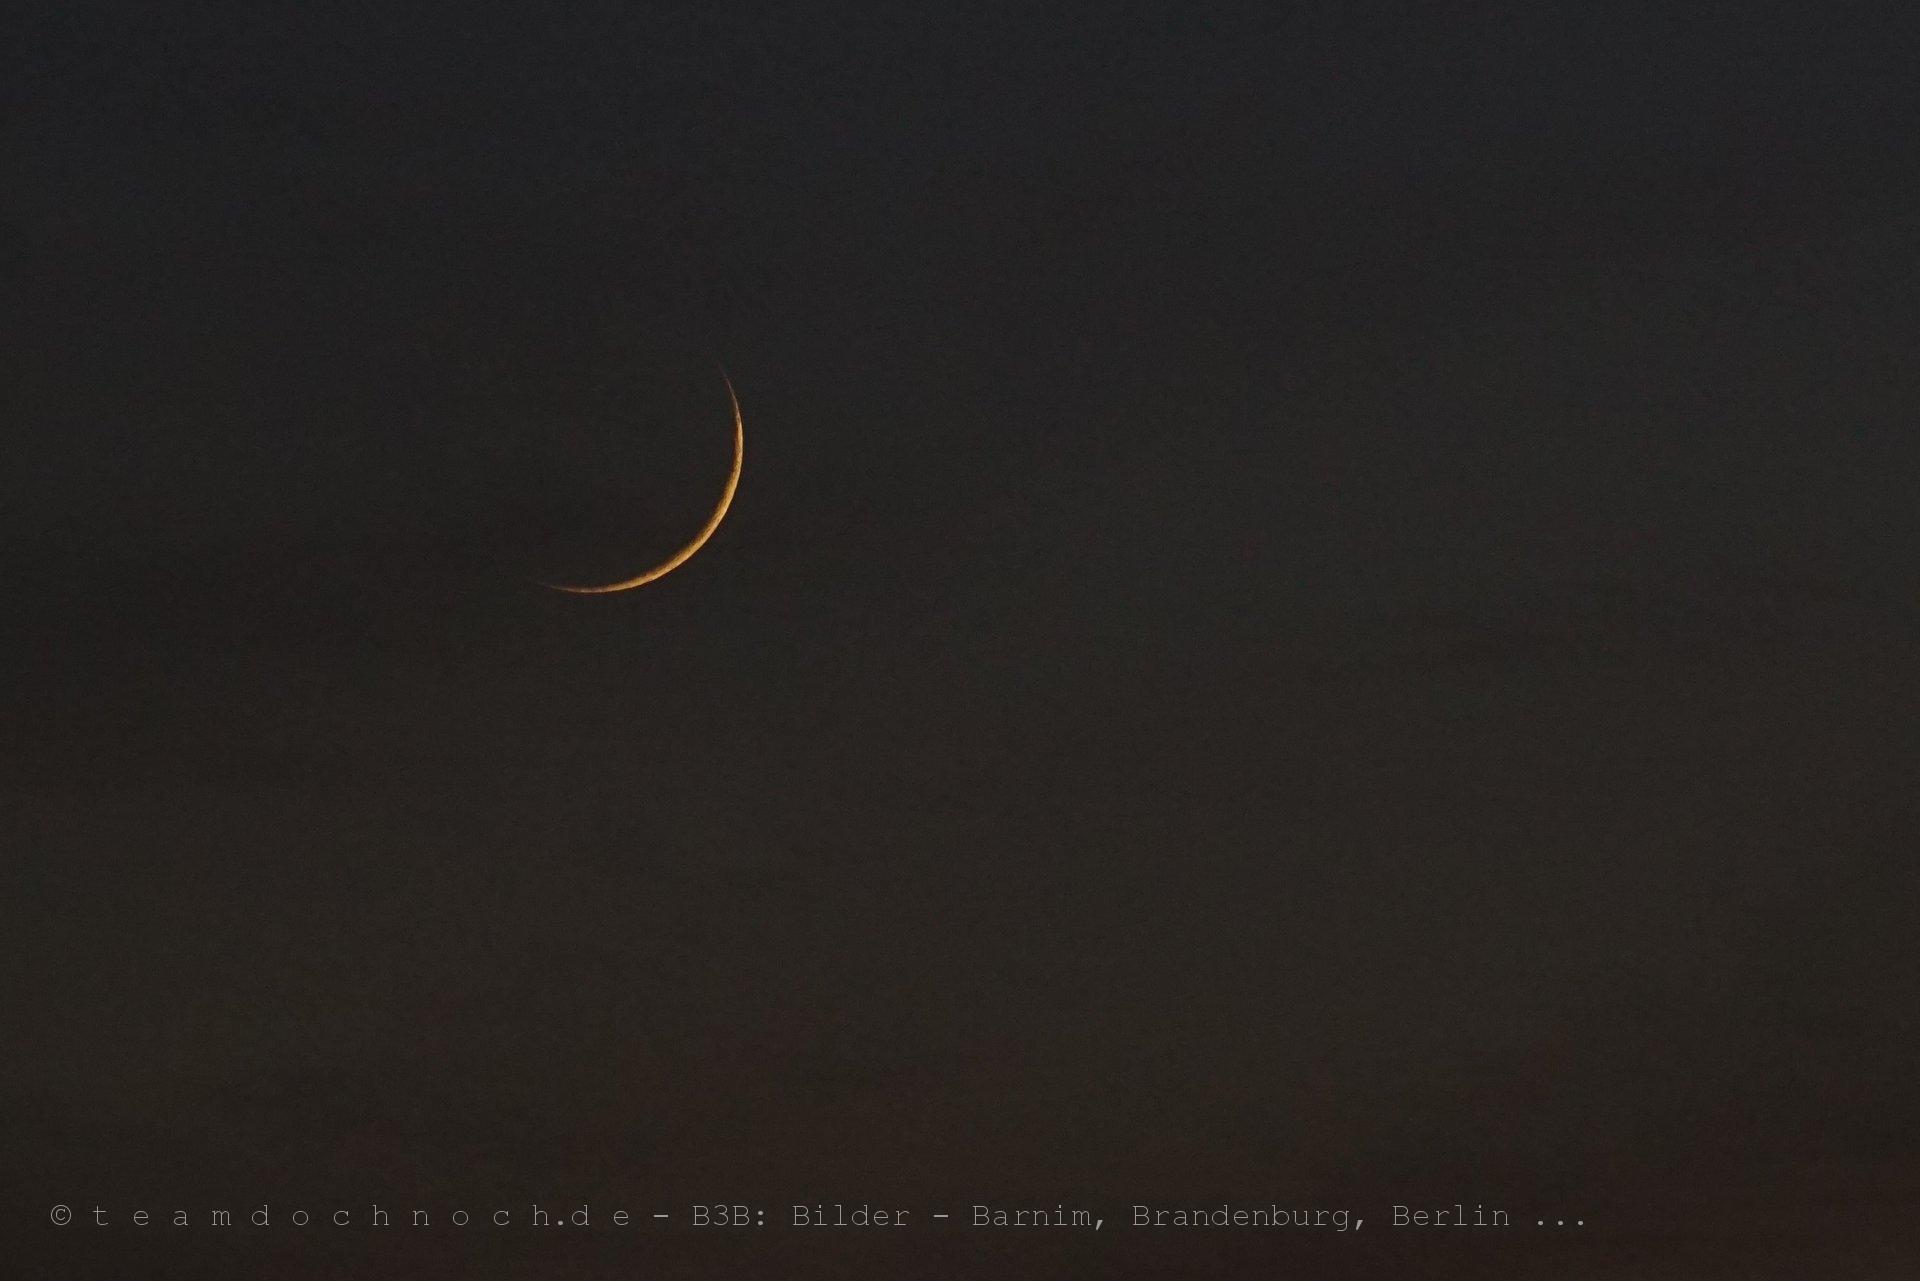 Die frische Mondsichel